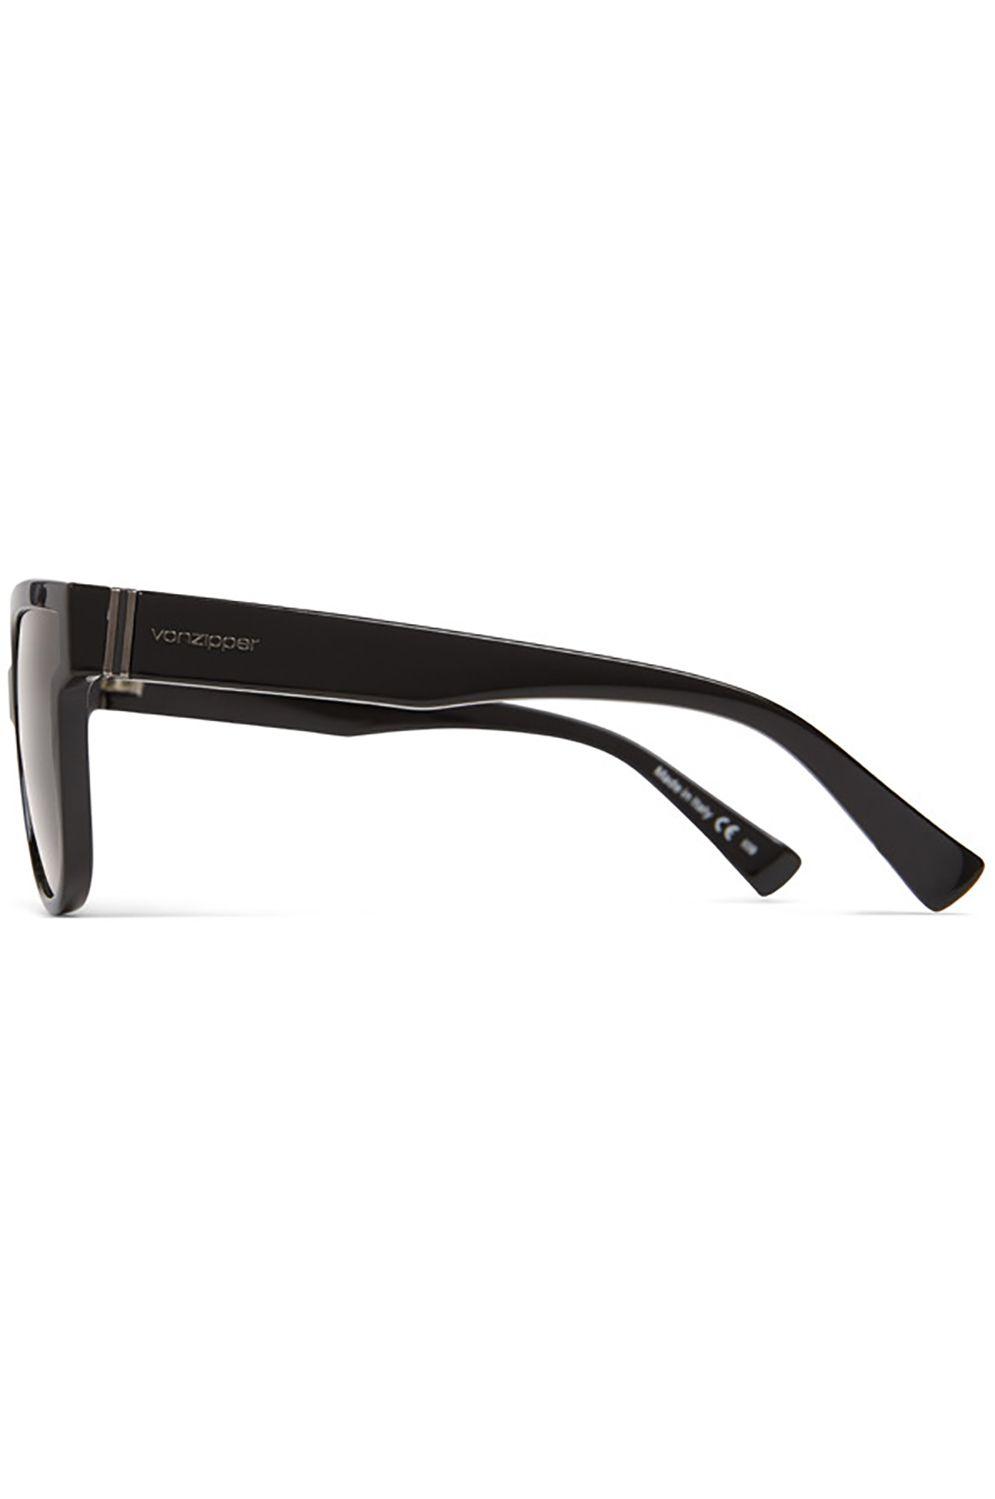 Oculos VonZipper STRANZ Black Gloss / Vintage Grey